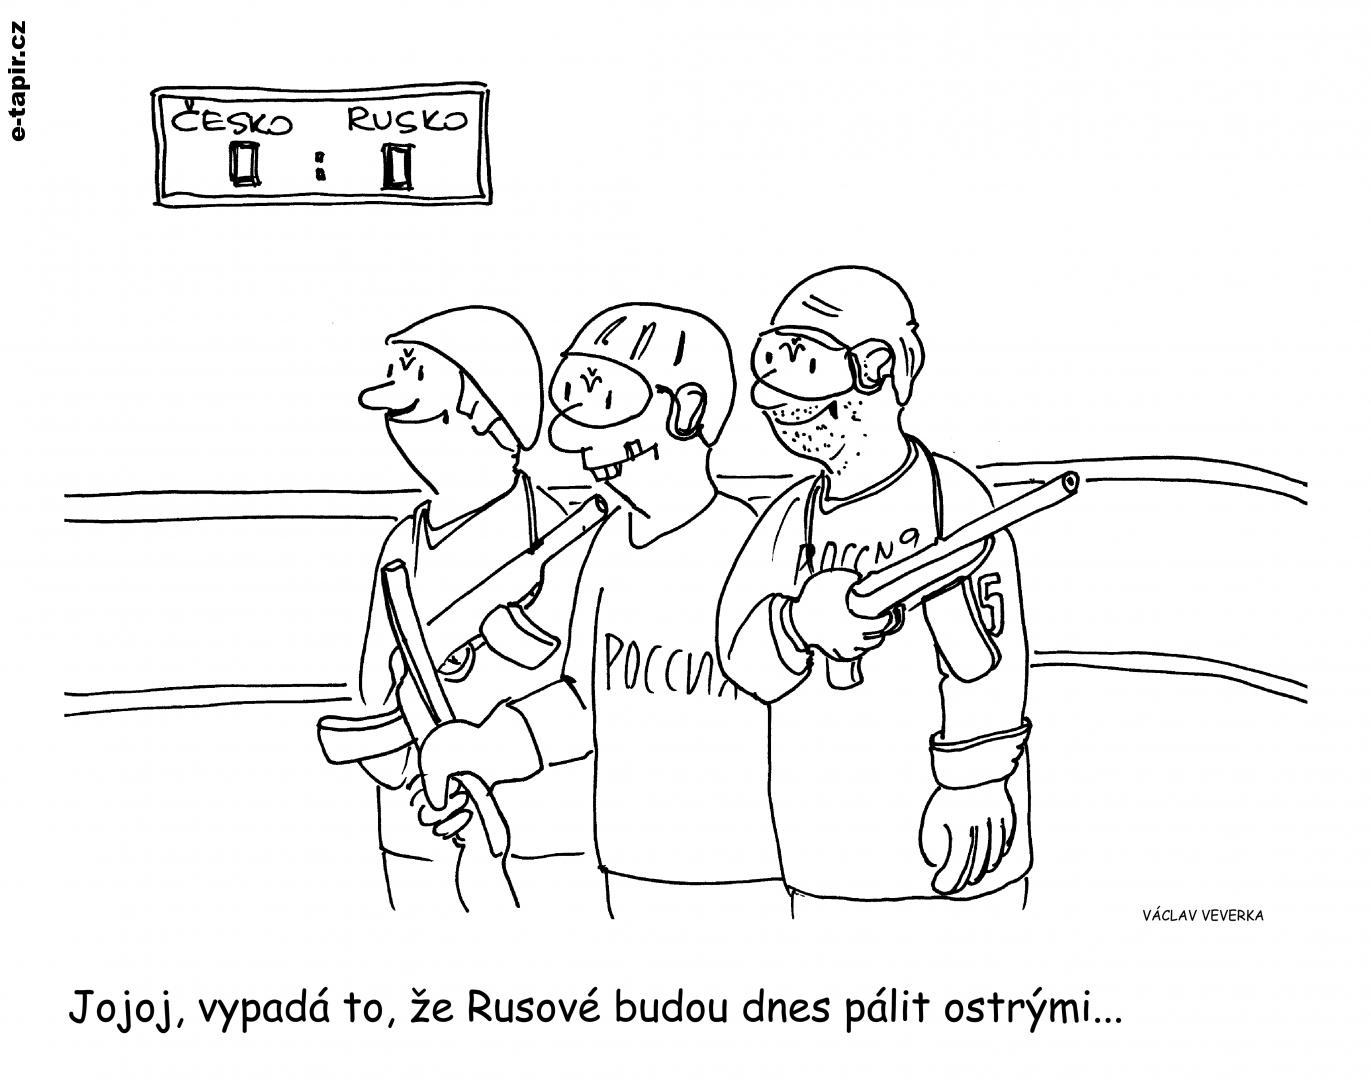 hokej Rusko-69d9ea53